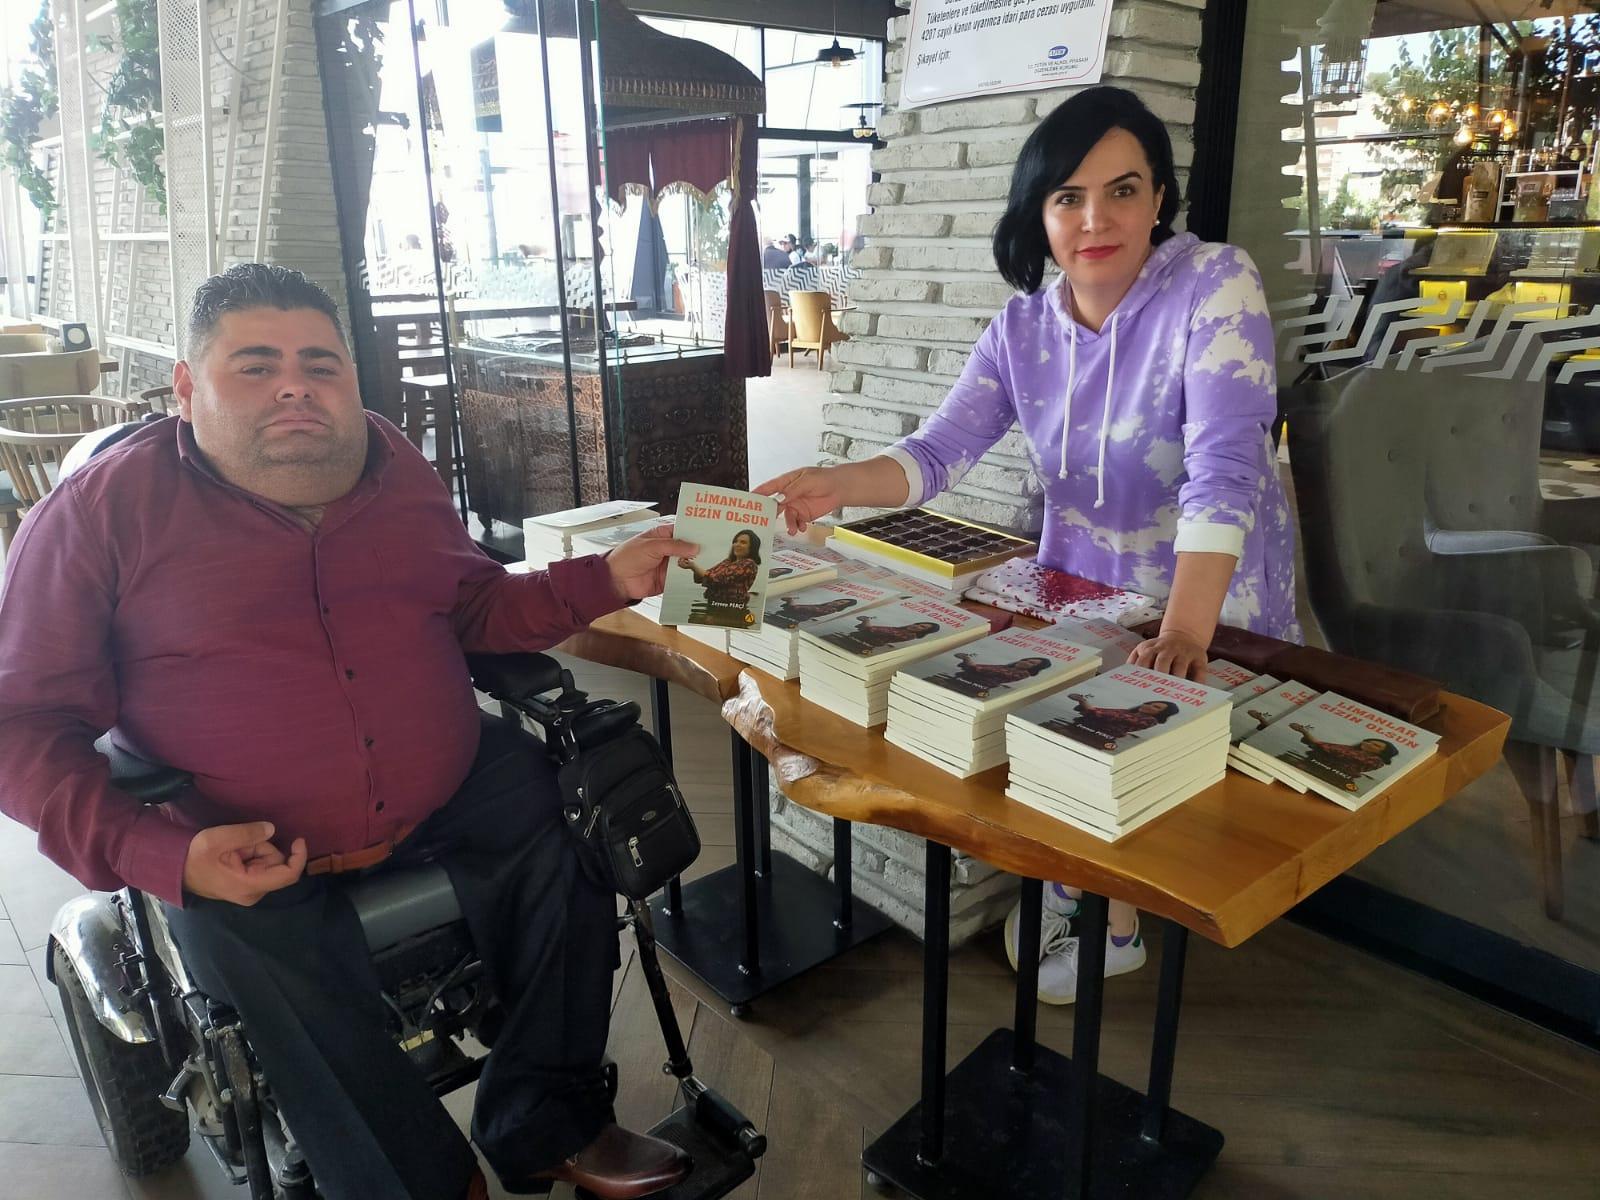 Ünyeli Yazar Perçi, Okurlarıyla Buluştu